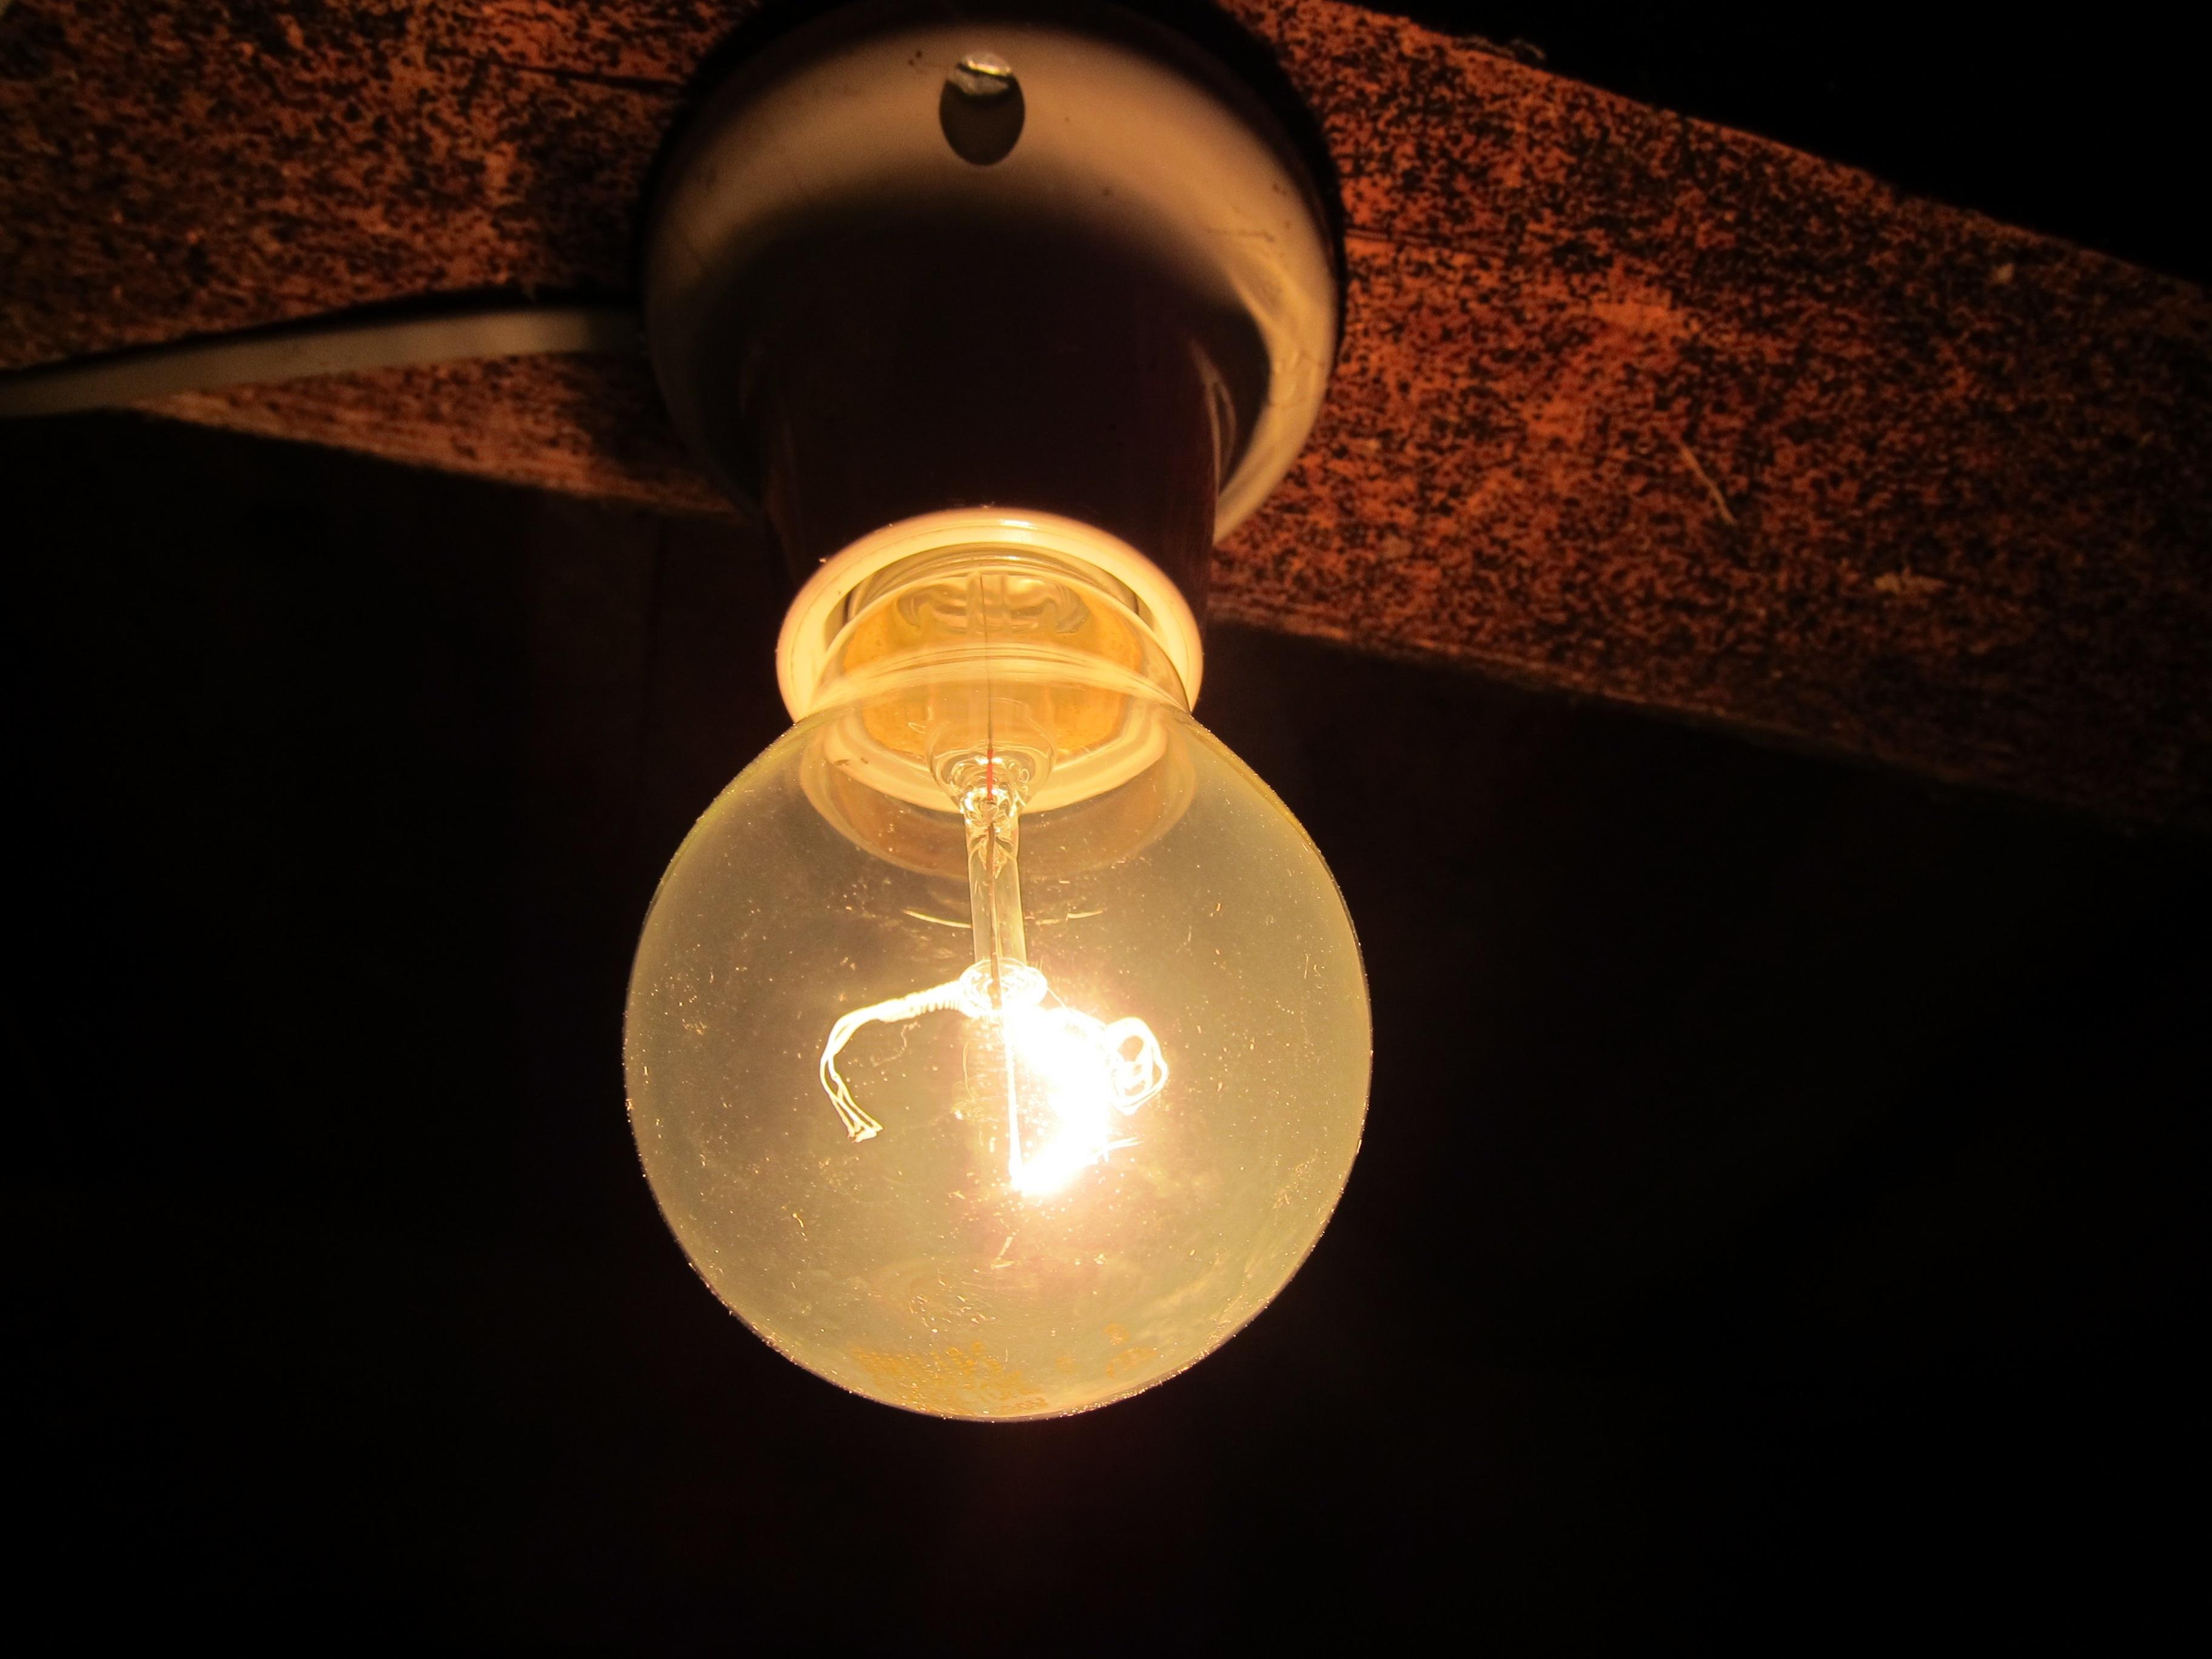 El recibo de la luz se encarecerá de nuevo tras la subasta eléctrica